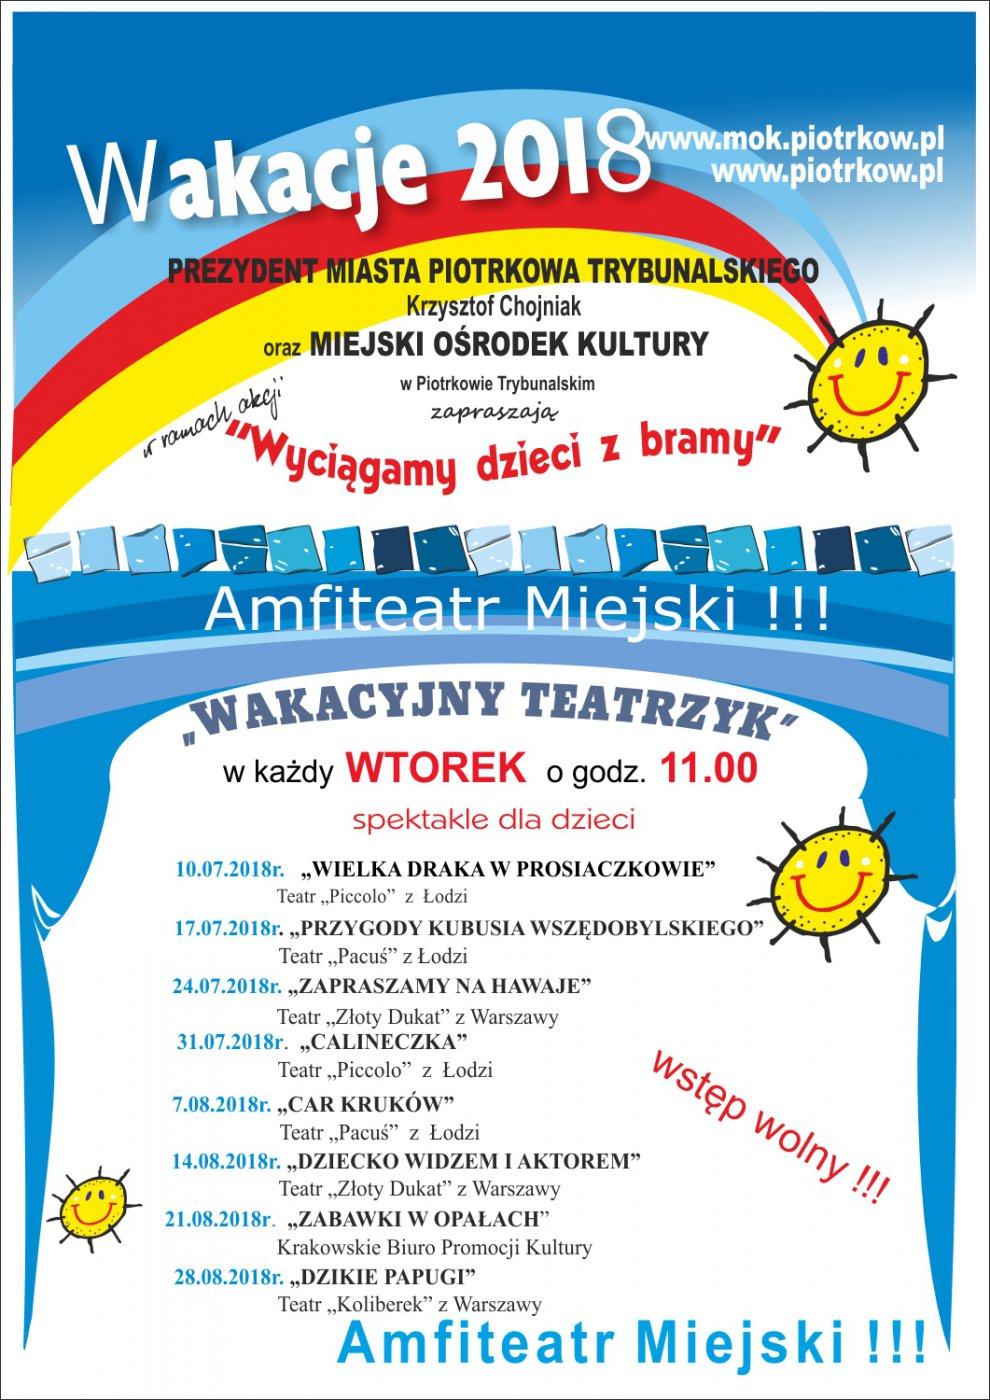 Wakacyjny teatrzyk dla dzieci pt: